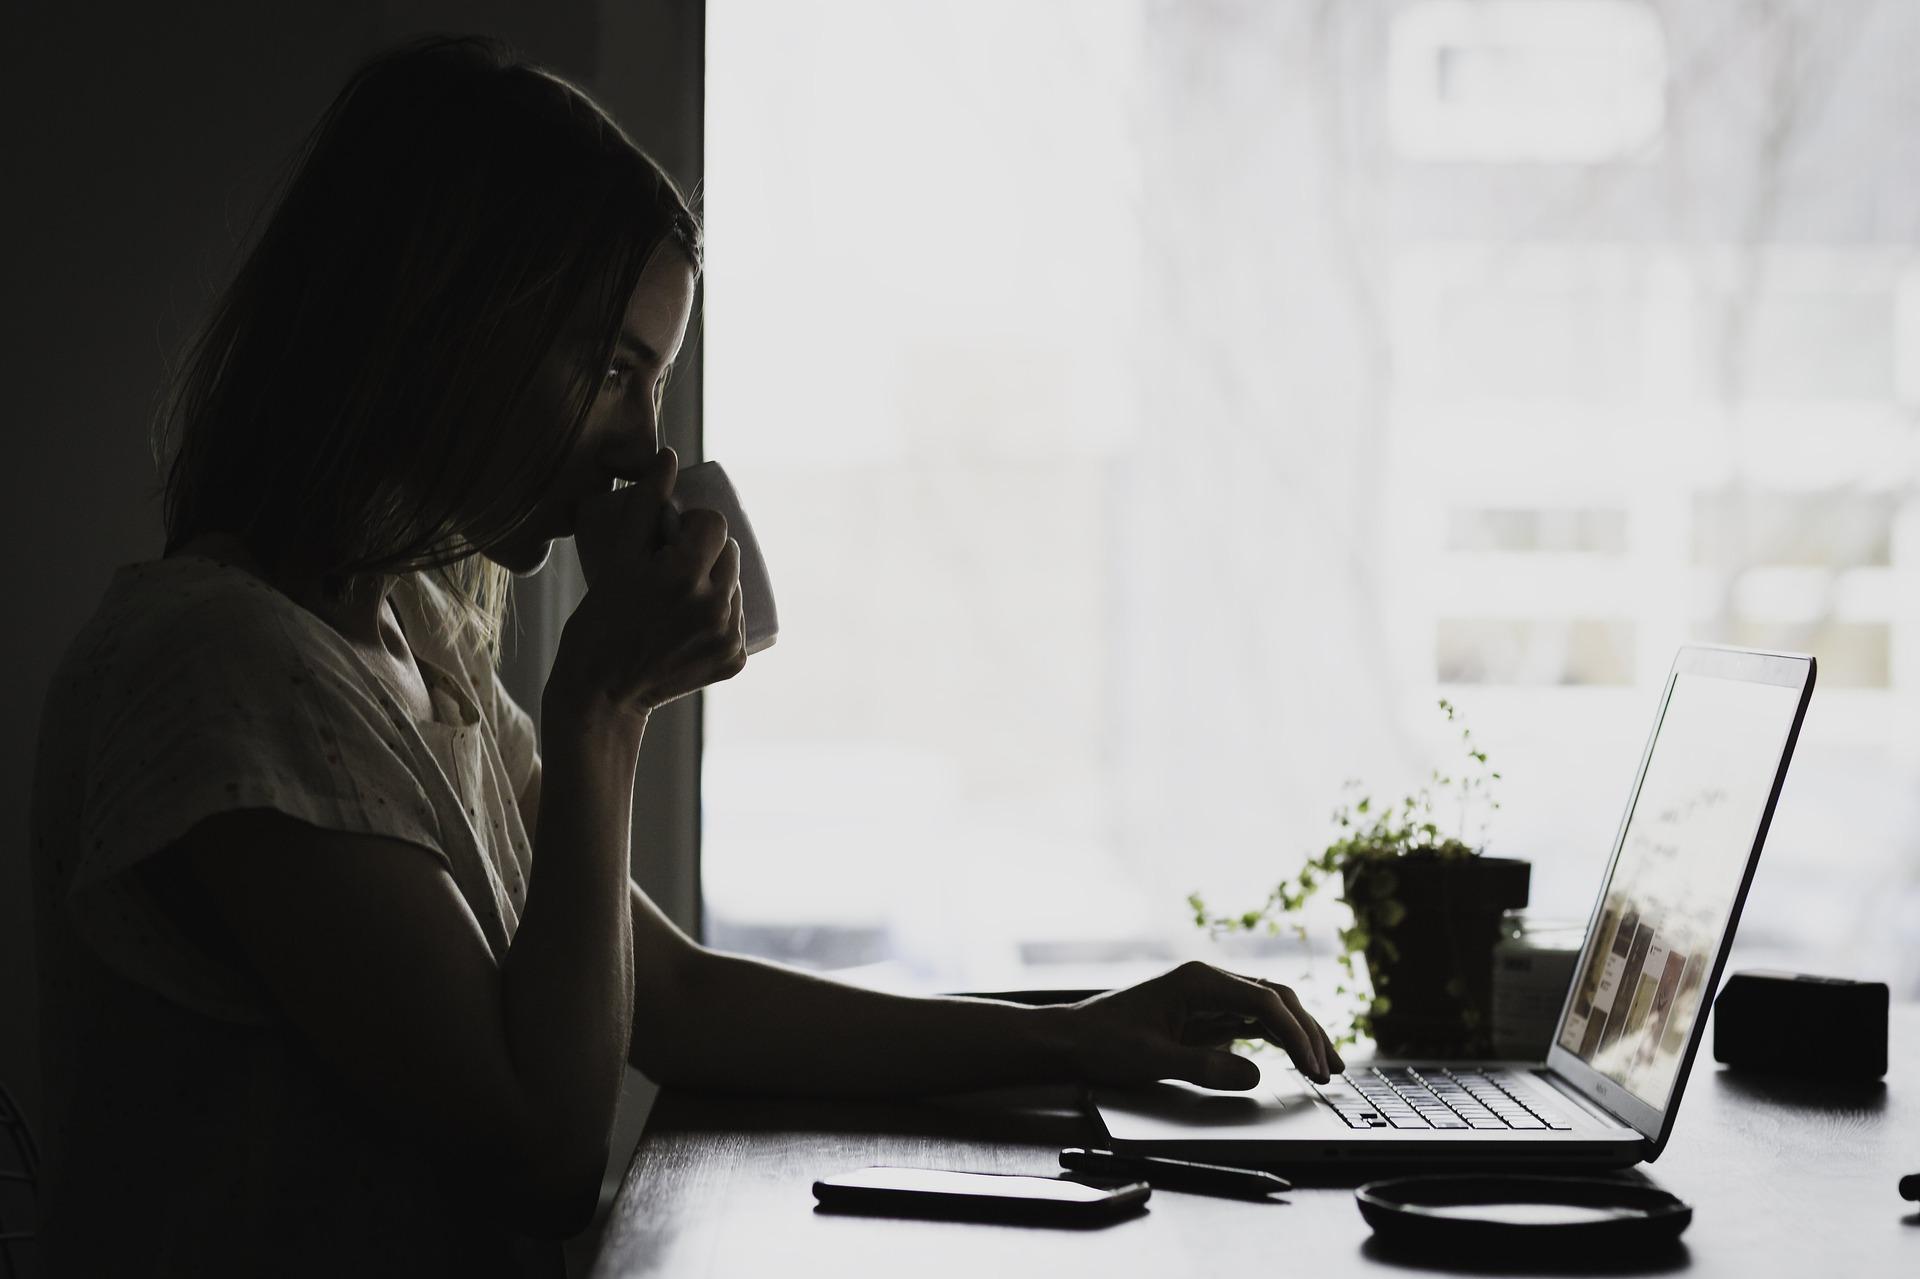 Imagem mostra uma mulher olhando para um notebook enquanto bebe café.